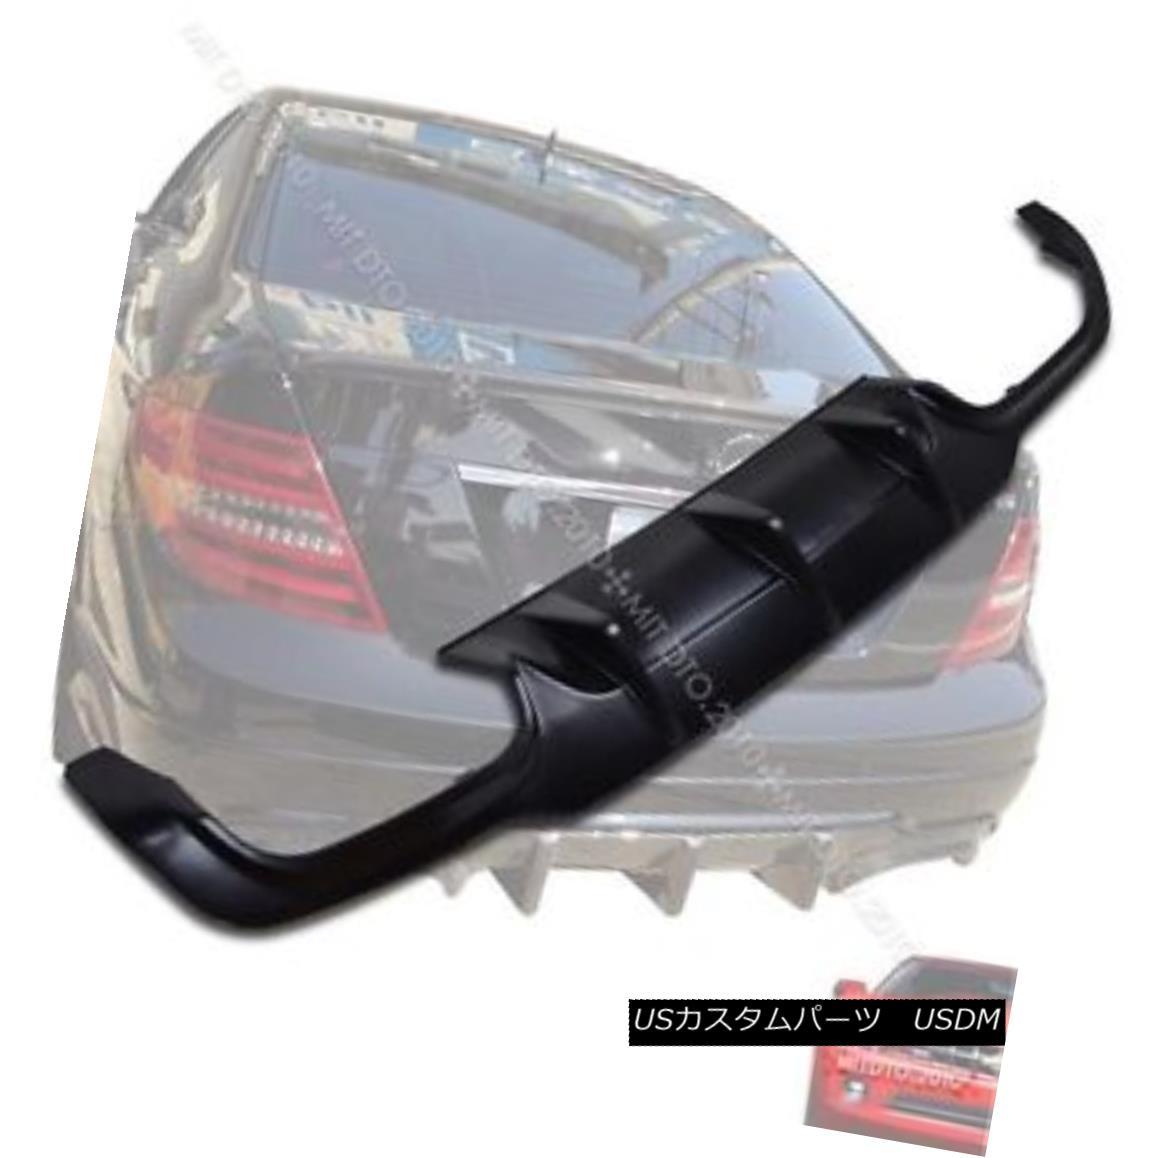 エアロパーツ Unpainted MERCEDES BENZ C-Class C204 2DR Coupe Rear Diffuser Sport Bumper § 未塗装メルセデスベンツCクラスC204 2DRクーペリアディフューザースポーツバンパー